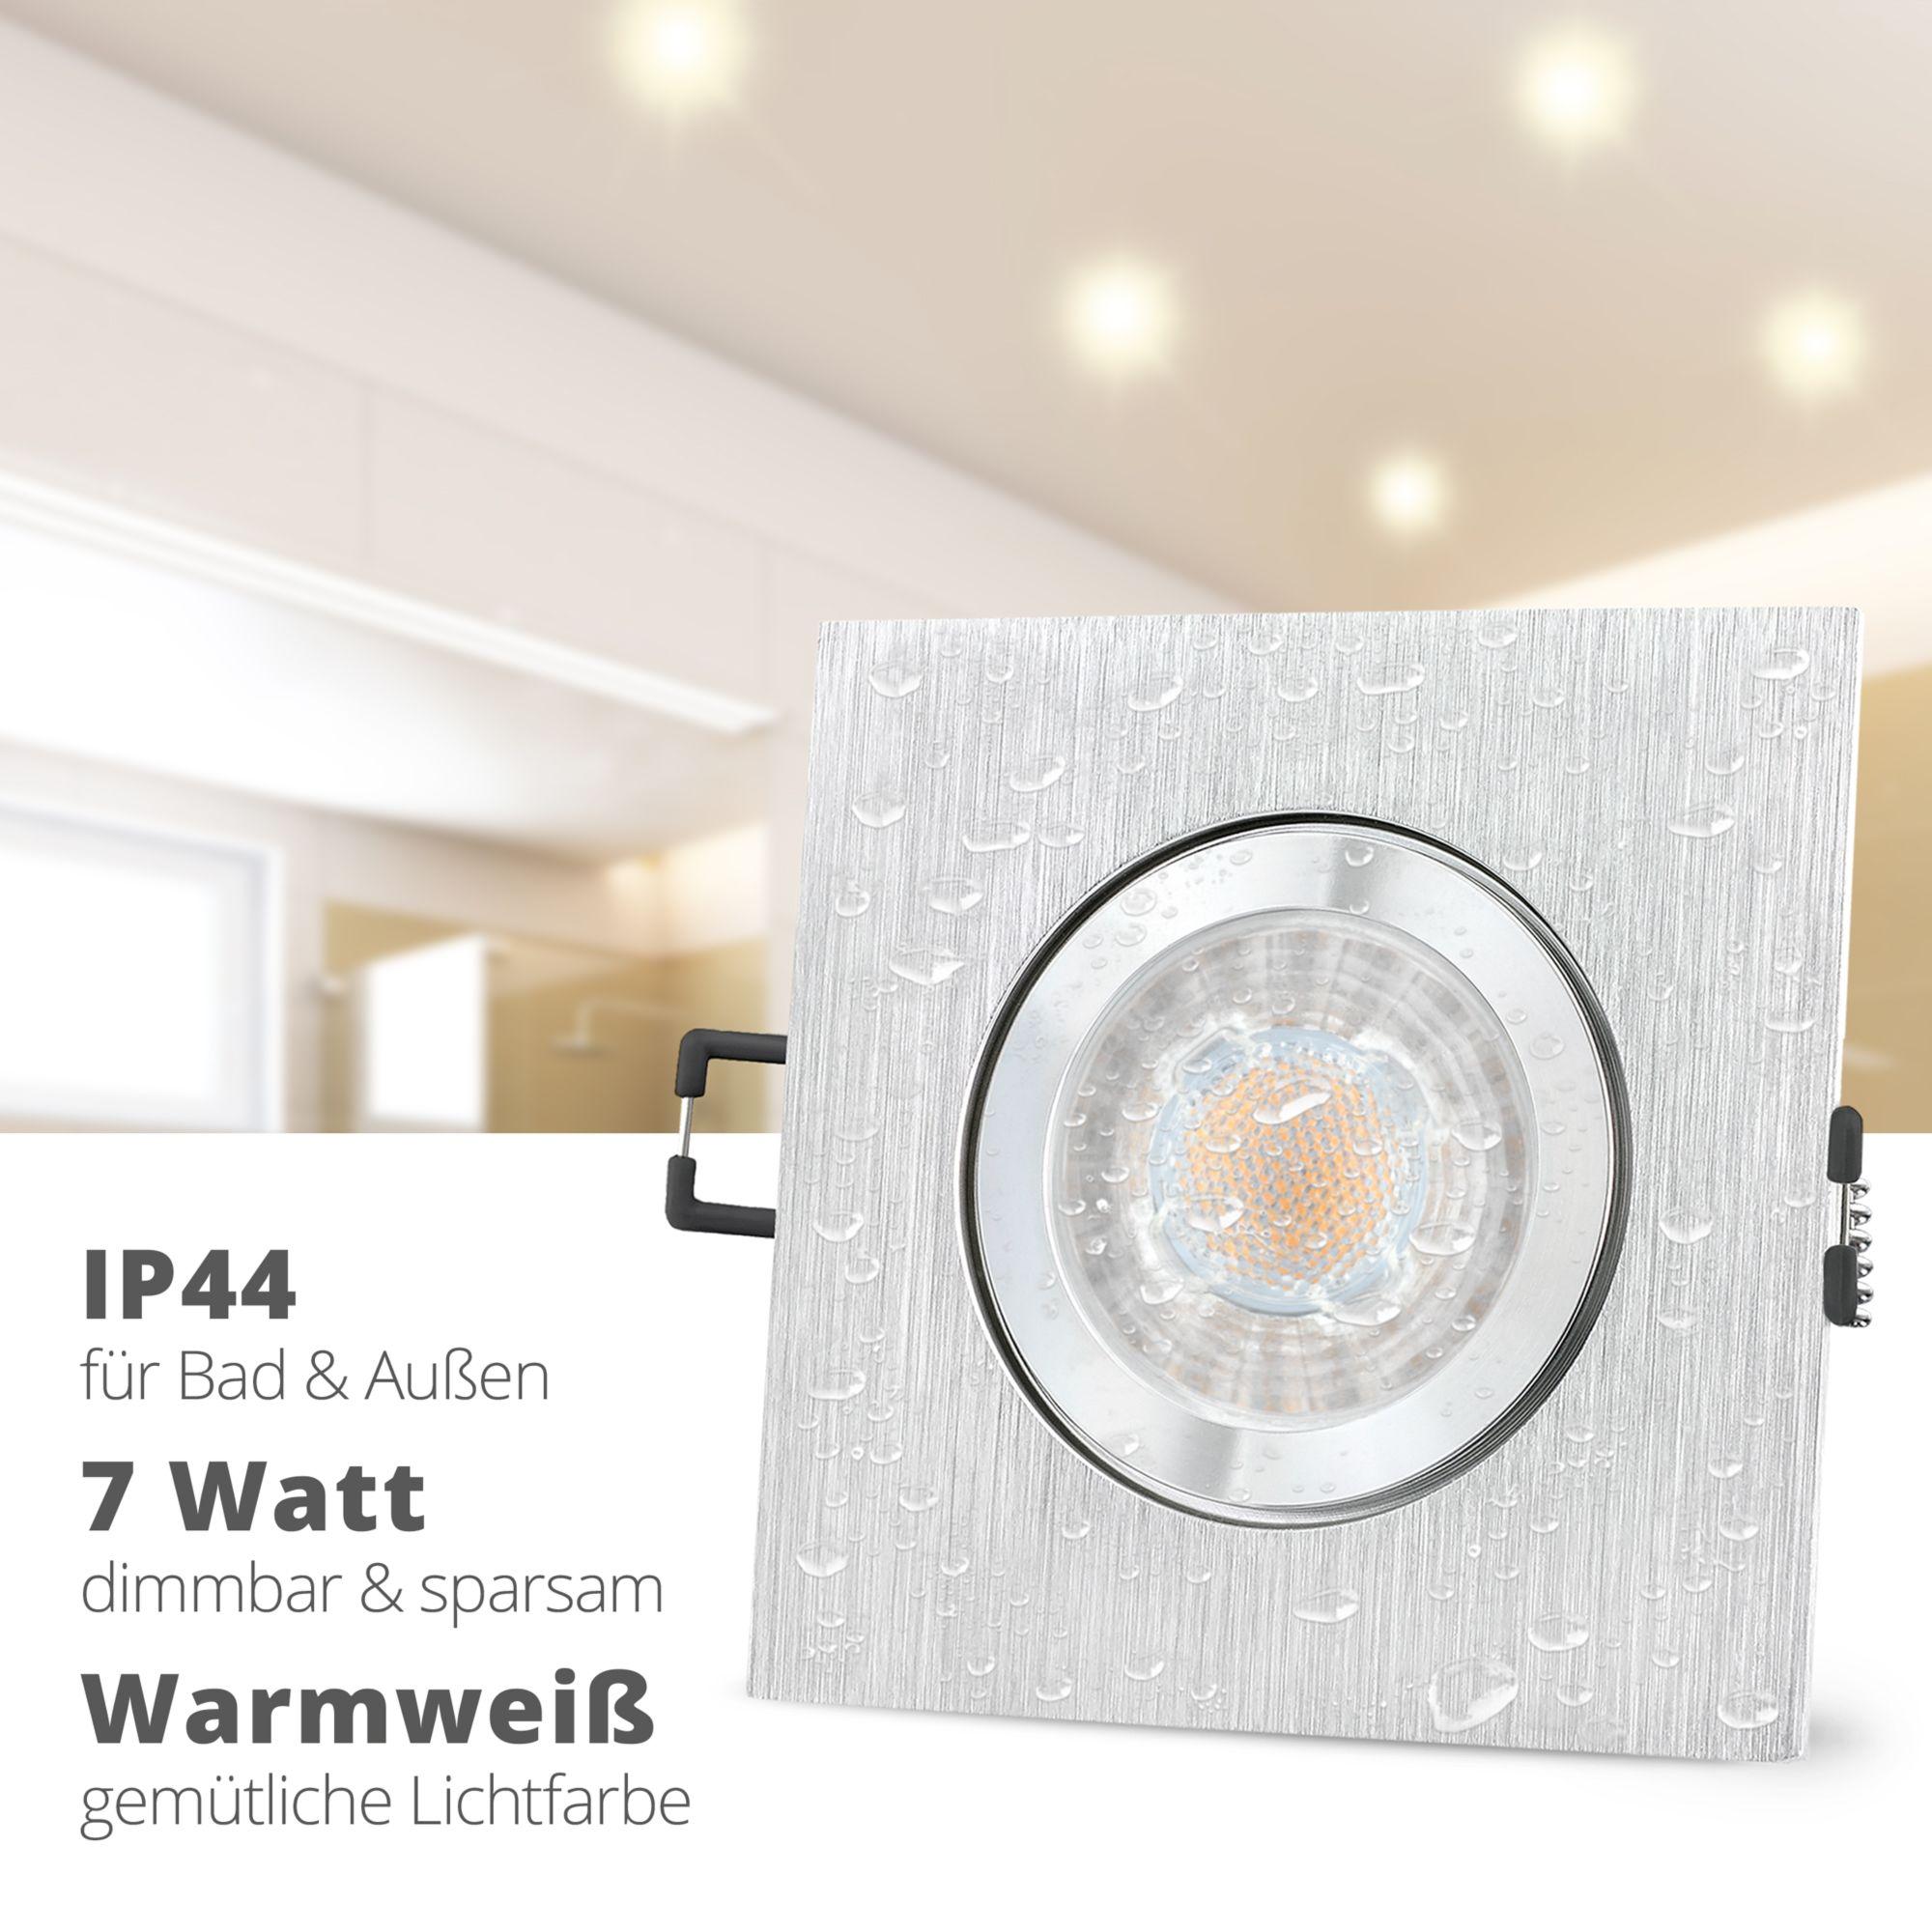 Qw 2 Einbauspot Dimmbar Bad Aussen Ip44 Alu Quadratisch Mit Led Gu10 7w Warmweiss Led Einbauspots Led Und Einbauleuchten